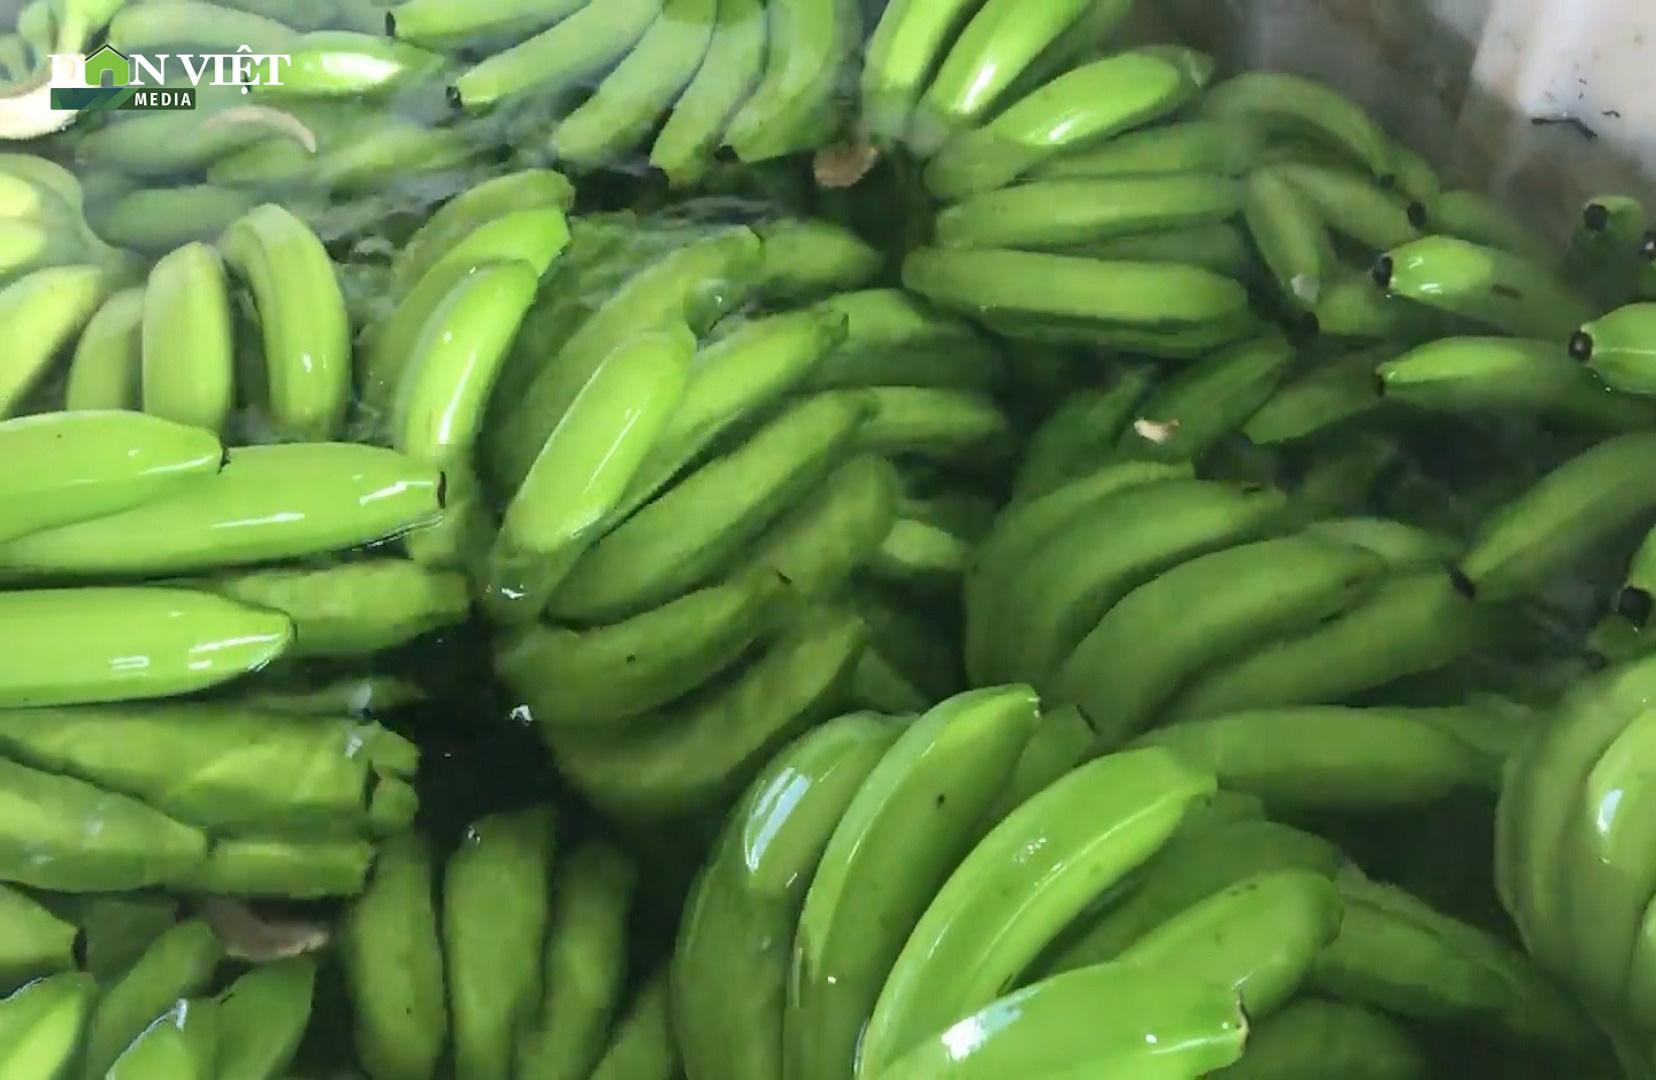 Chuối Việt Nam nhập khẩu vào EU giảm mạnh nhưng giá lại cao ngất ngưởng - Ảnh 1.